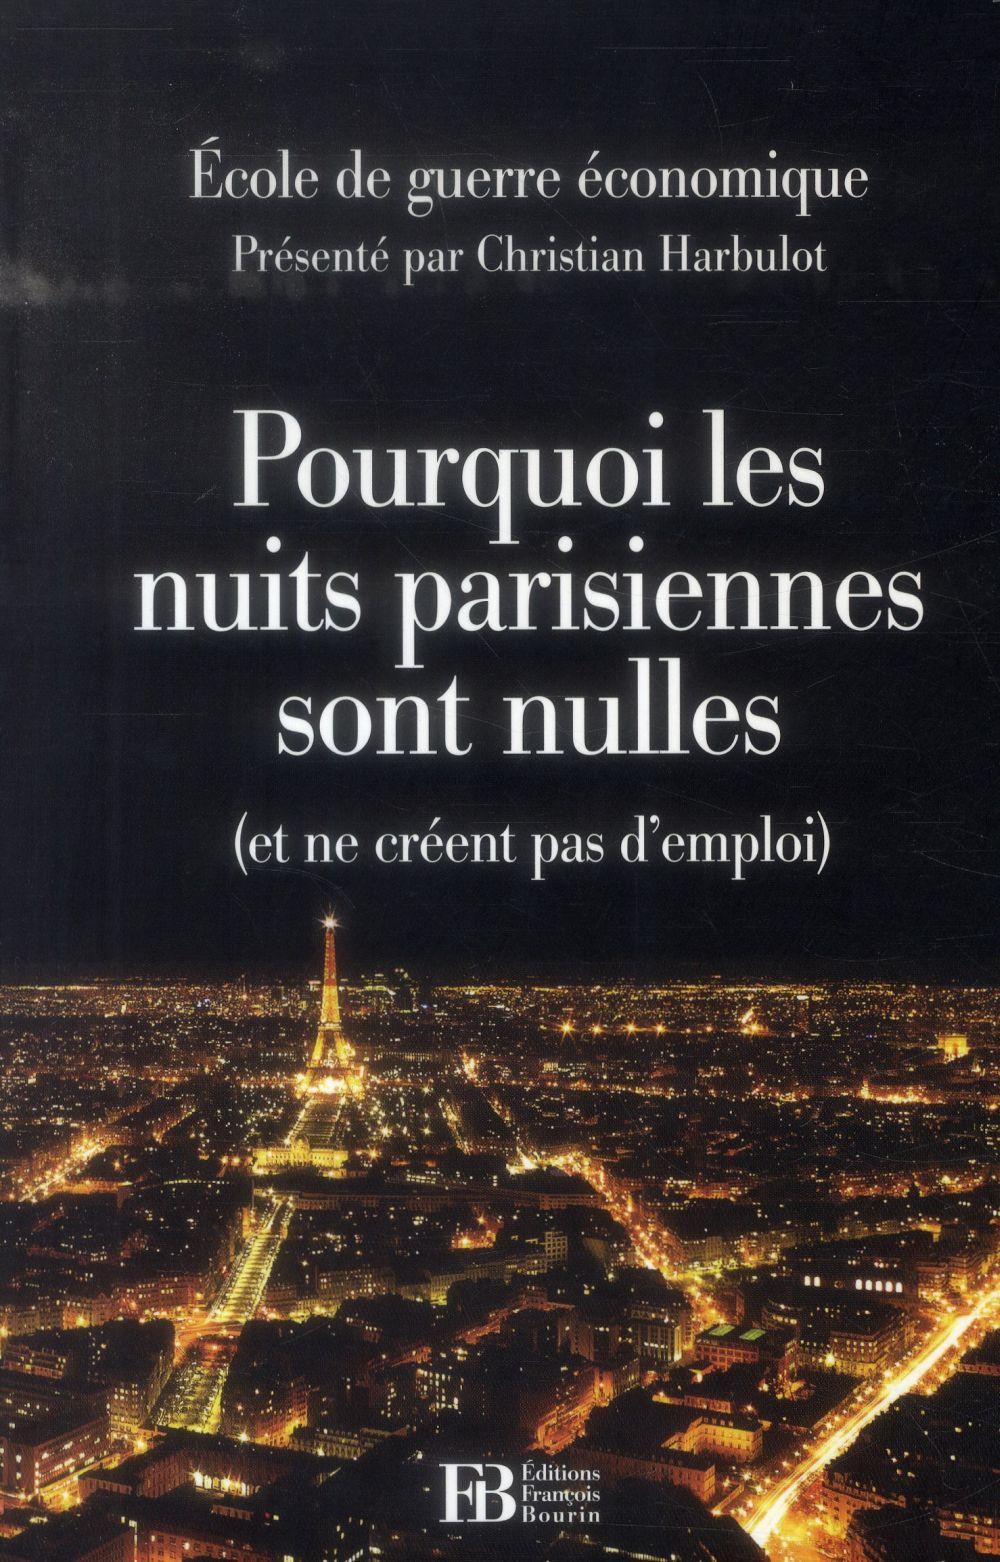 POURQUOI LES NUITS PARISIENNES SONT NULLES